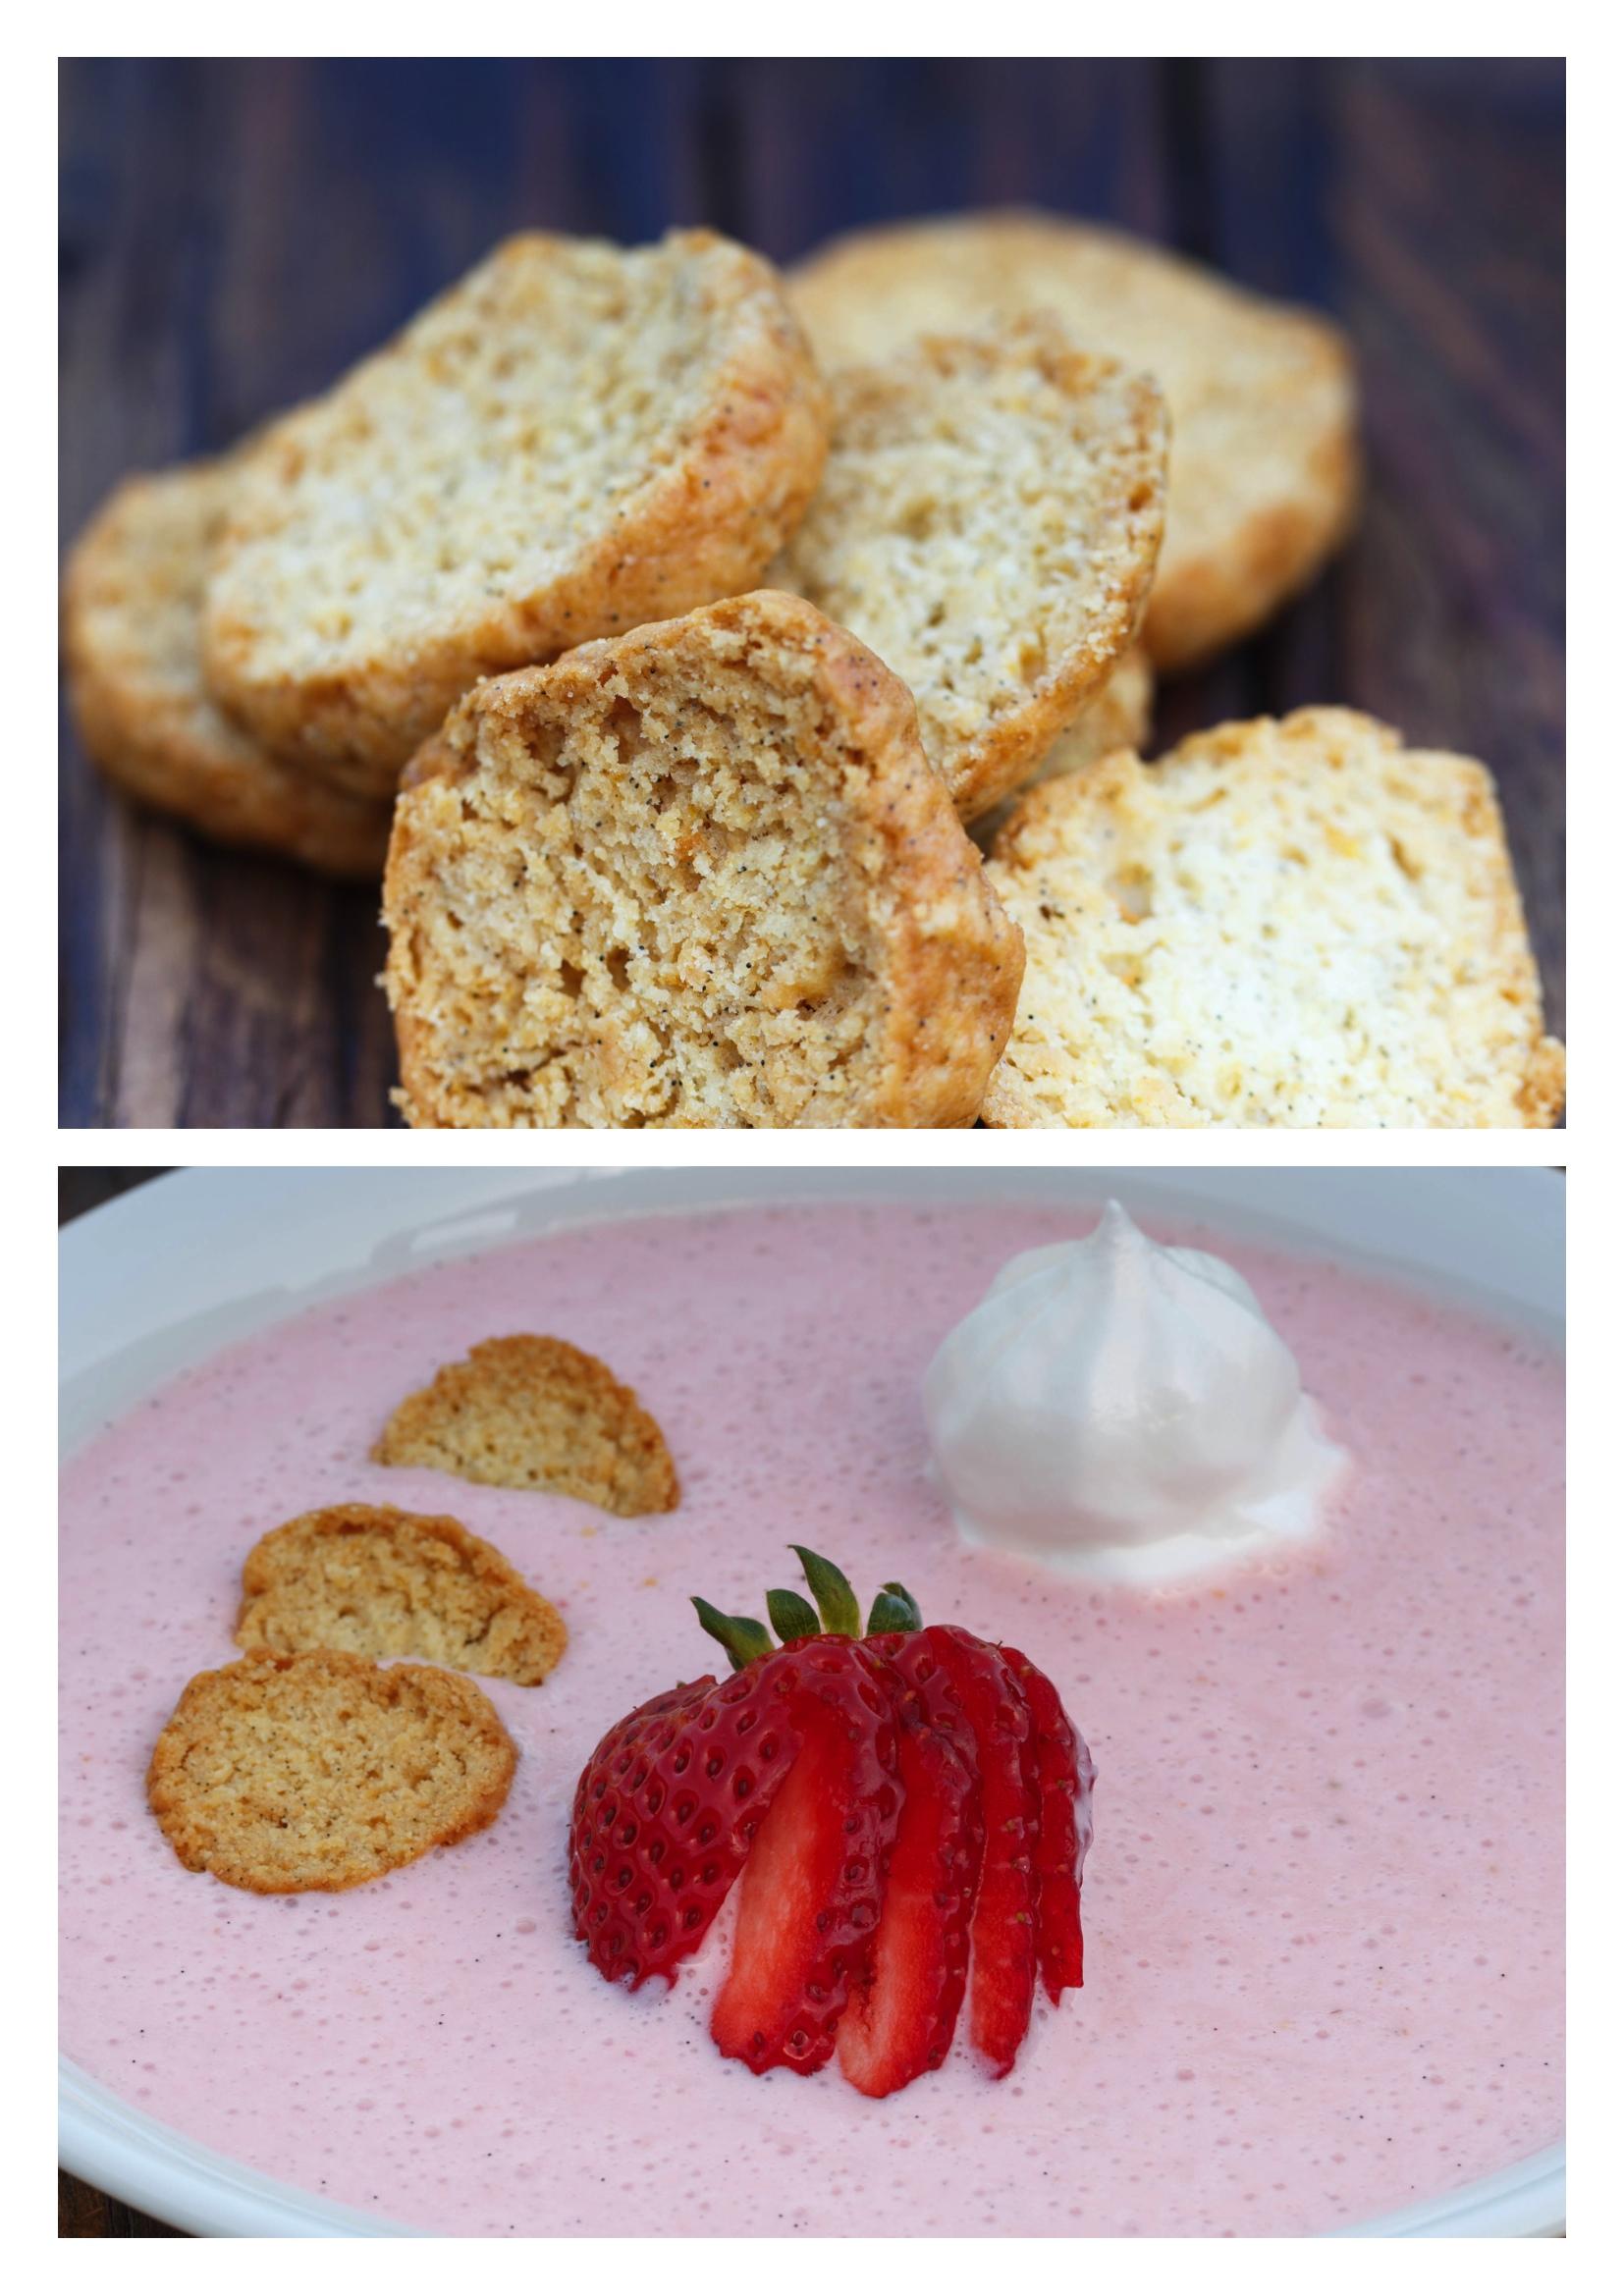 Kammerjunker - Twice-Baked Cookies